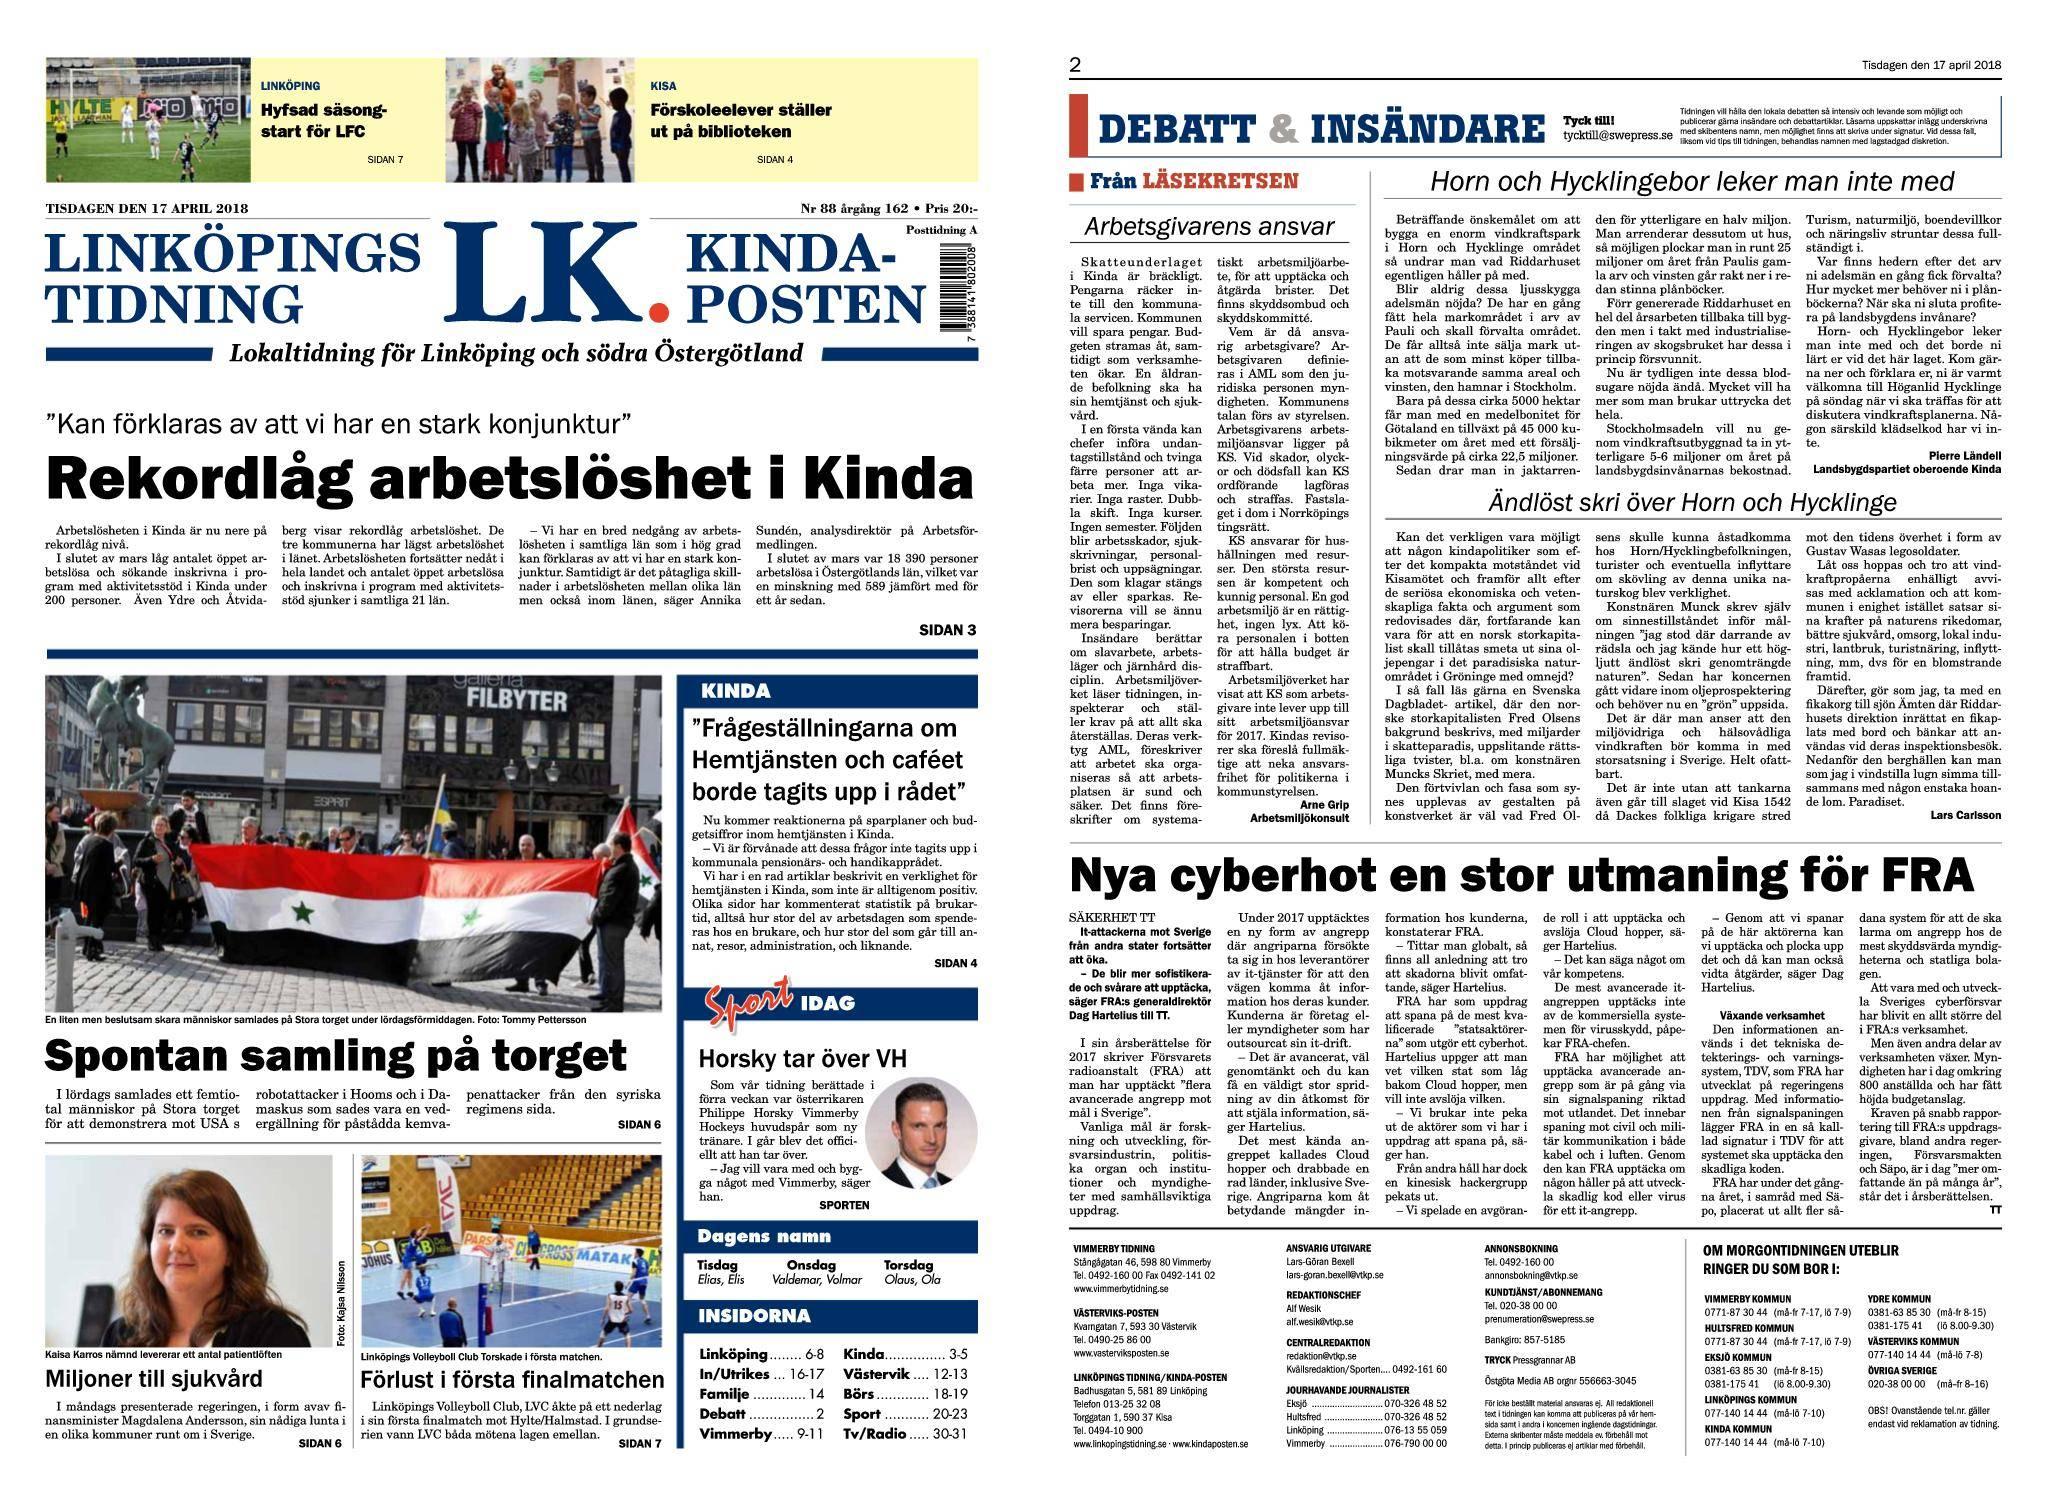 Linköpings Tidning & Kinda-Posten – 17 april 2018